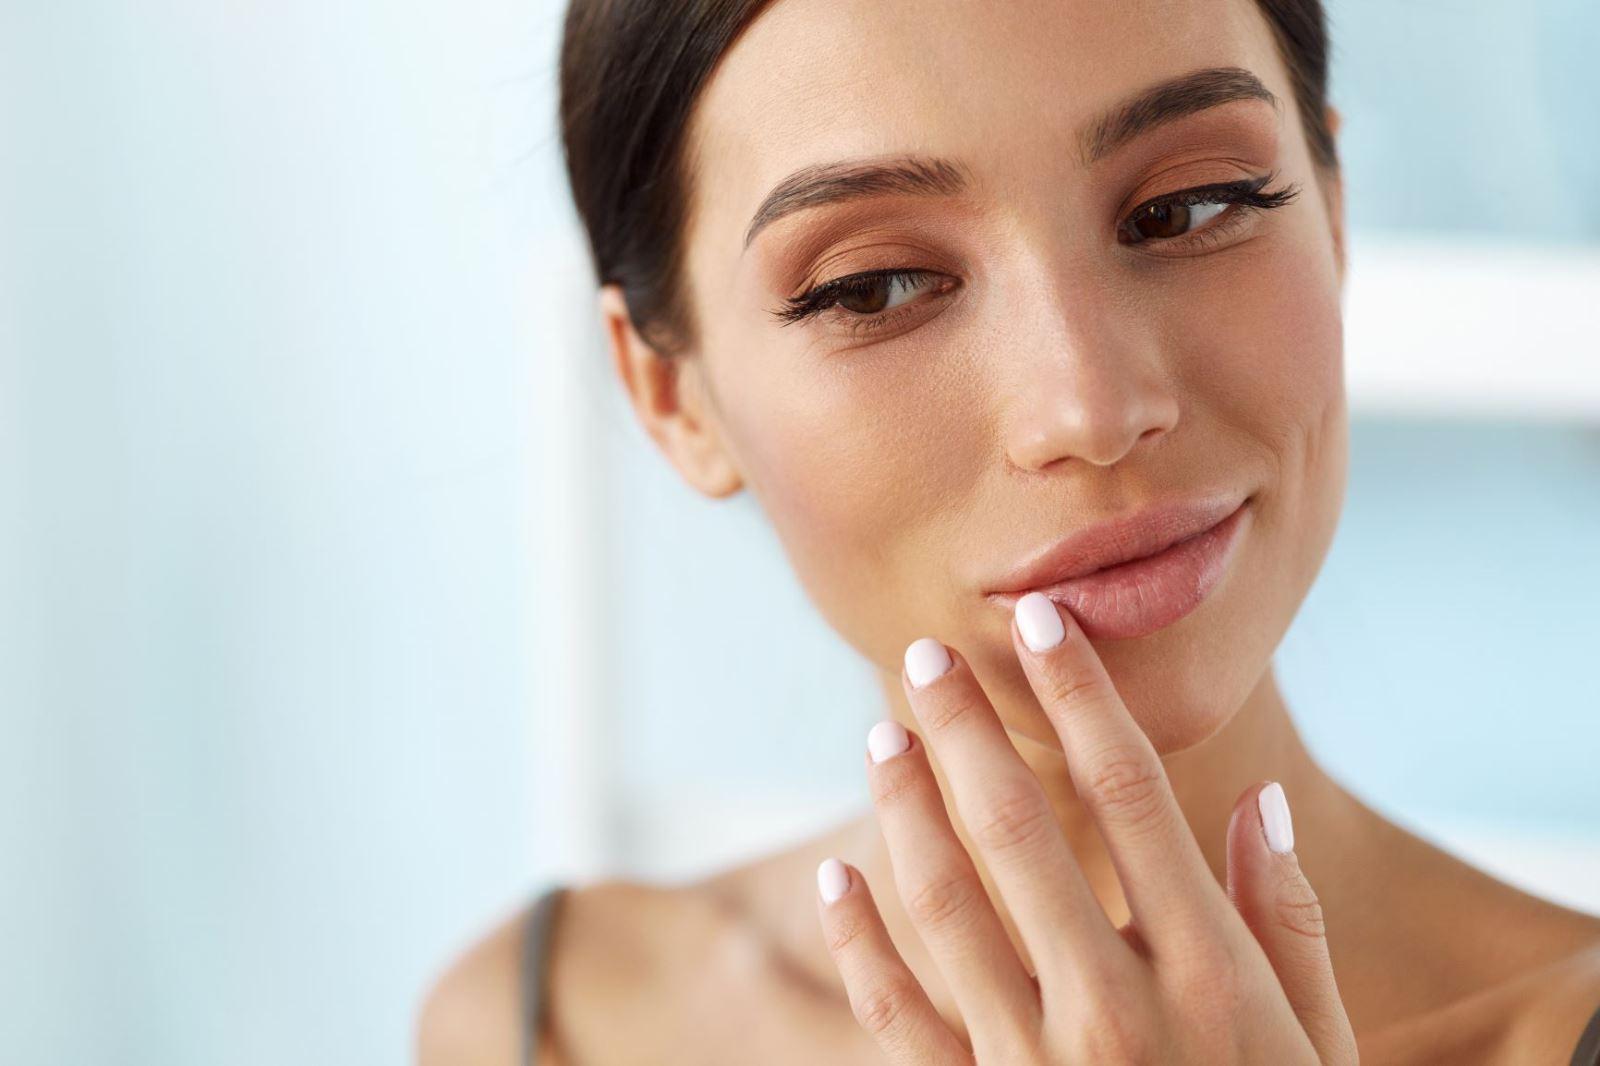 פגמים בדיבור ופה ברווזי: איך להשיג מילוי שפתיים מוצלח ולהימנע מטעויות